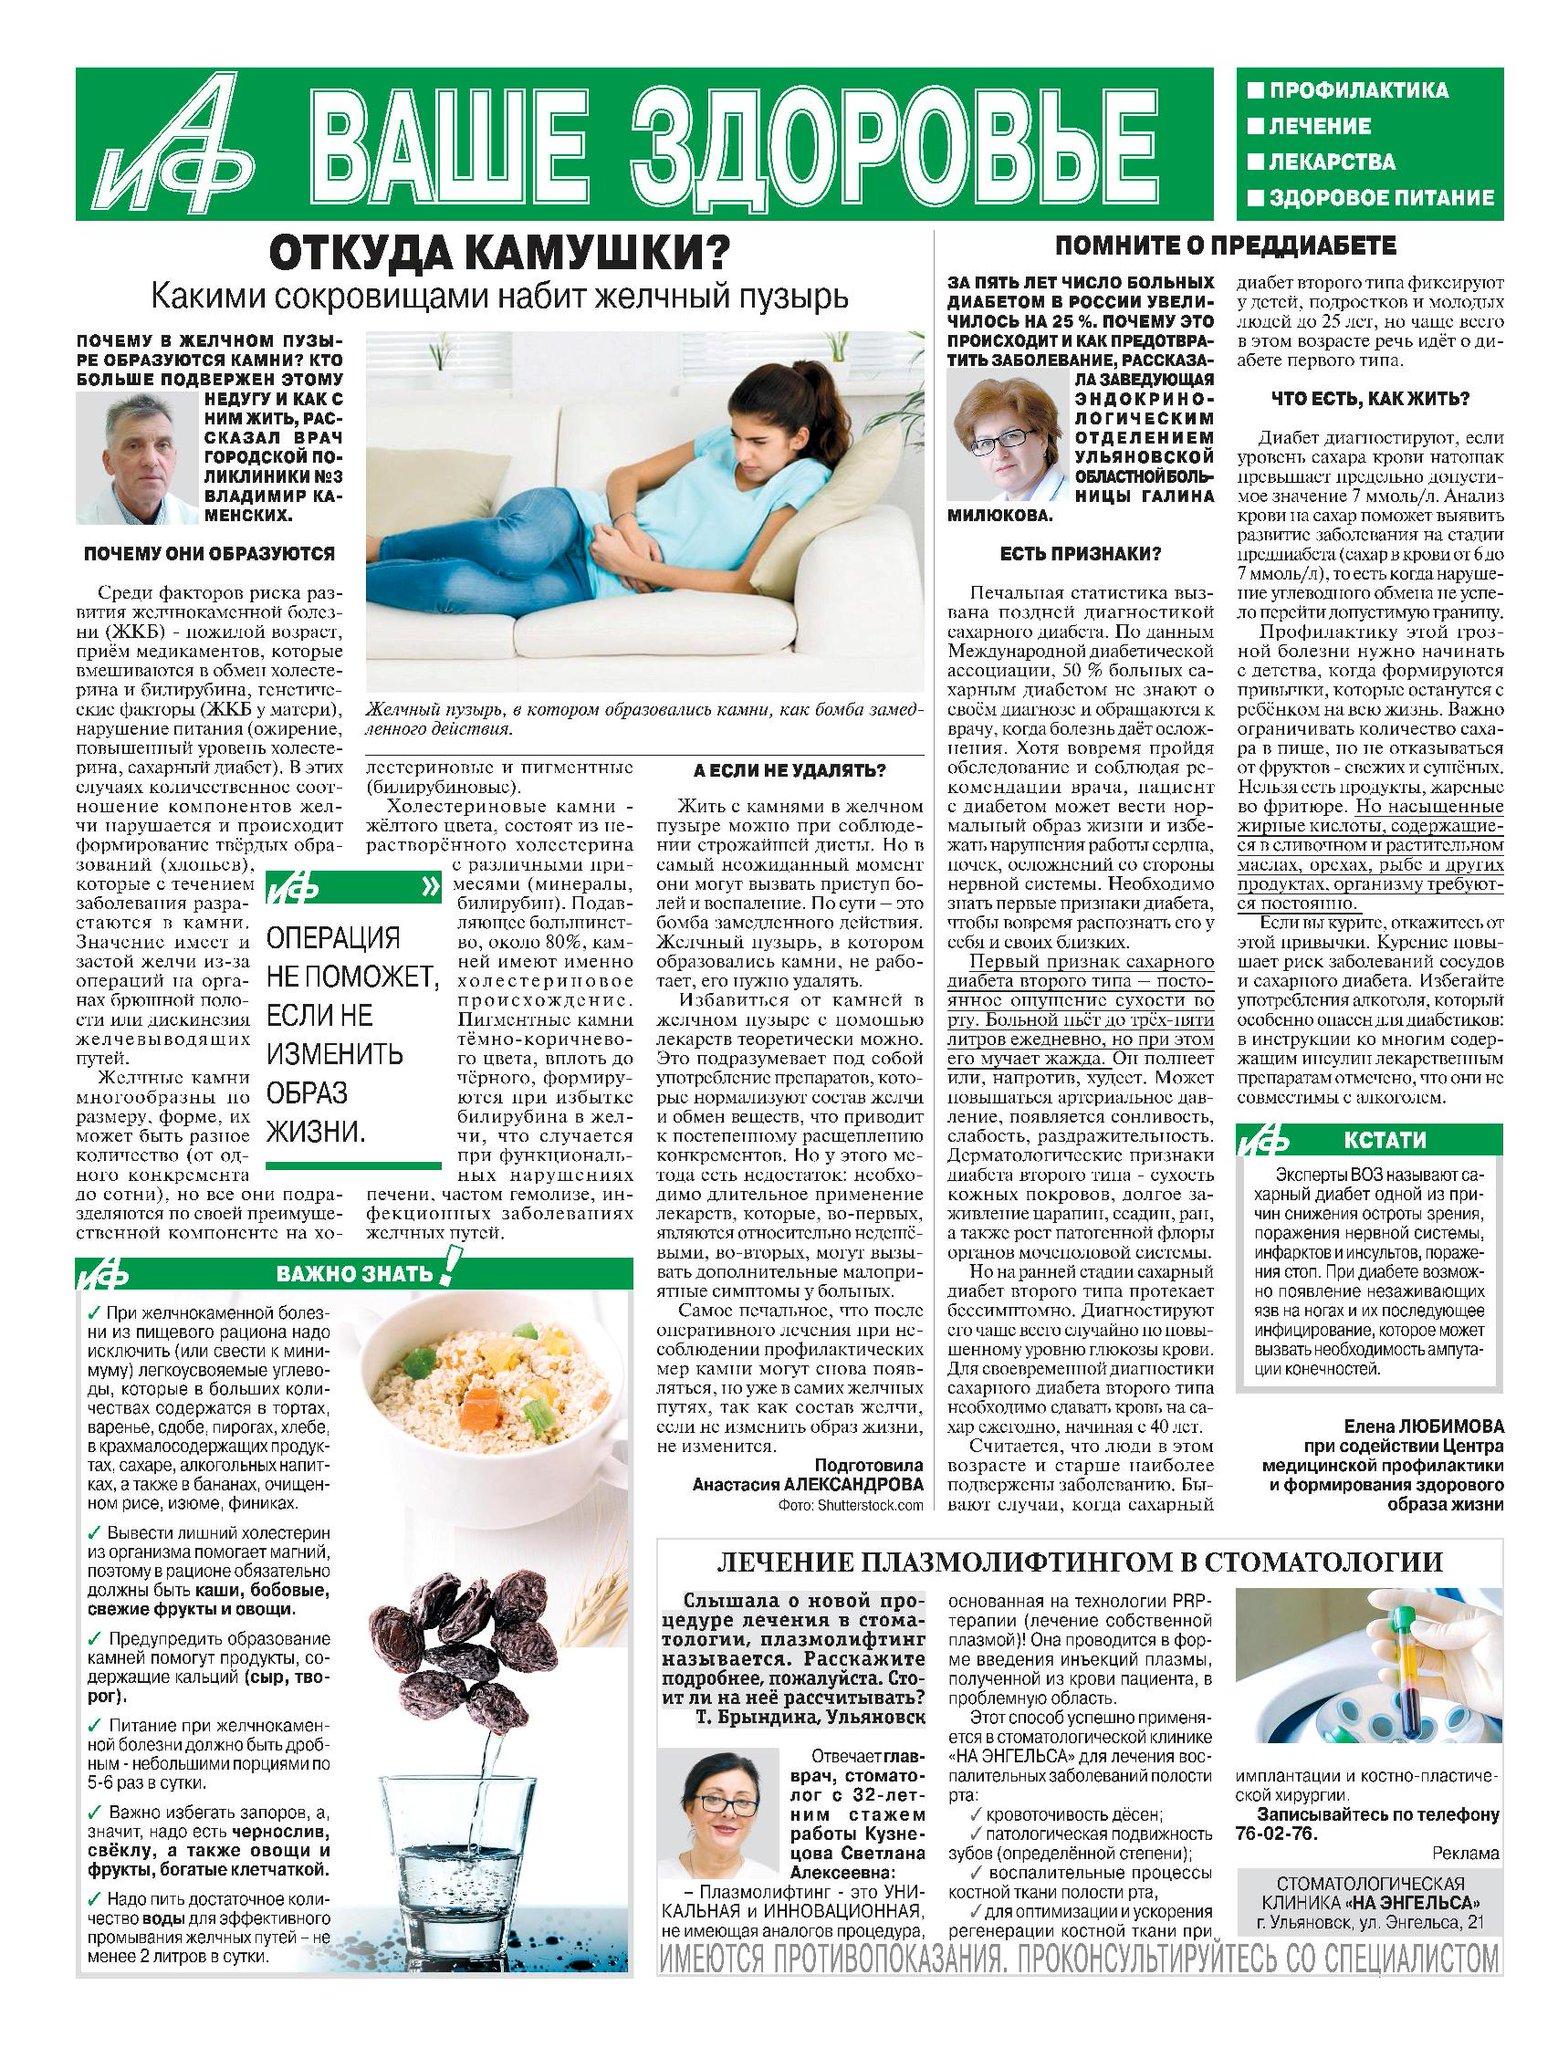 Диета При Жкб Рецепты. Диета при желчнокаменной болезни: рецепты блюд, питание после операции